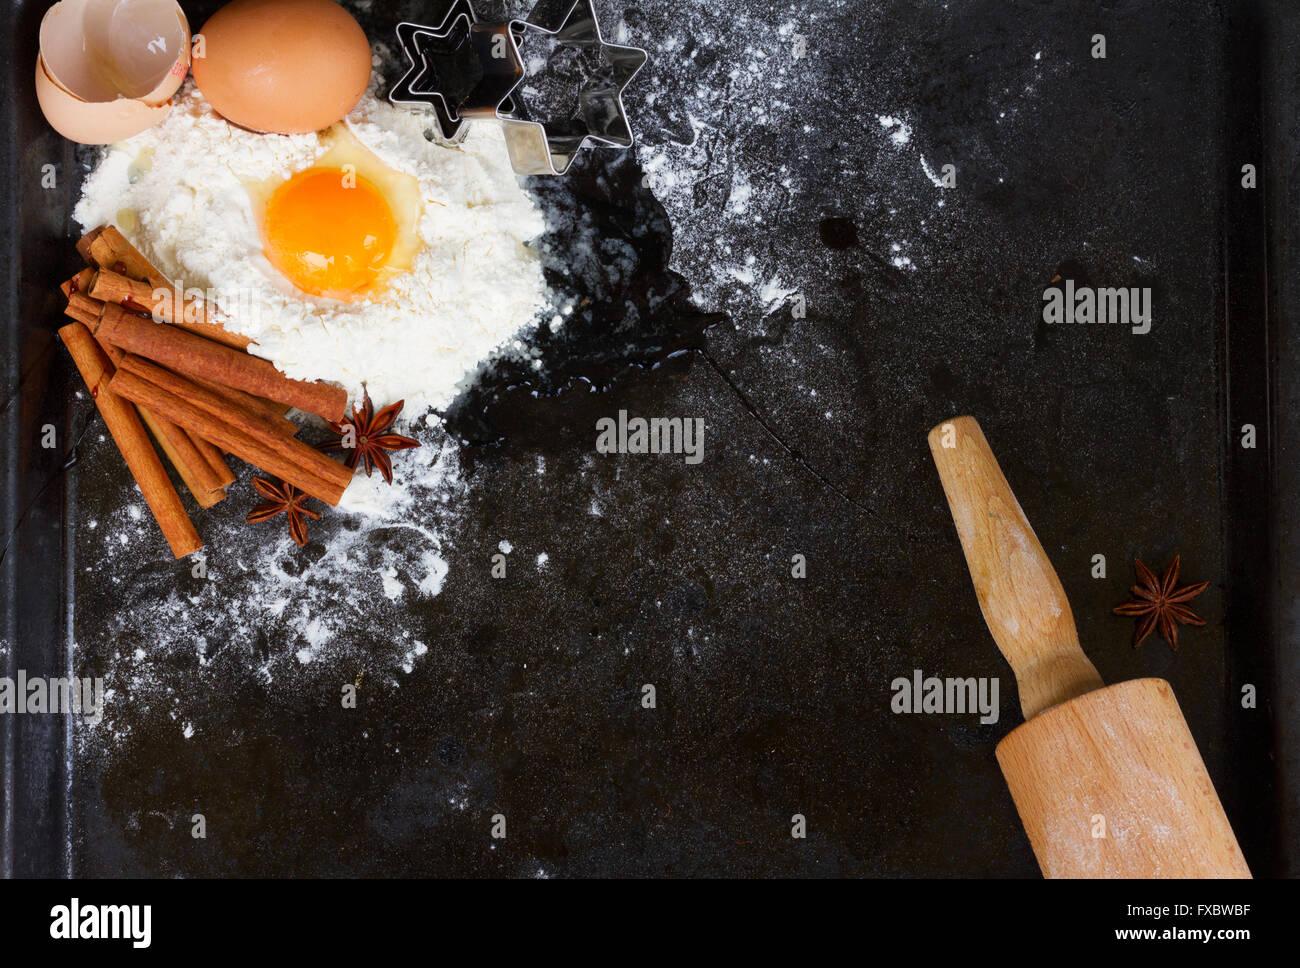 Ingrédients de cuisson sur noir Photo Stock